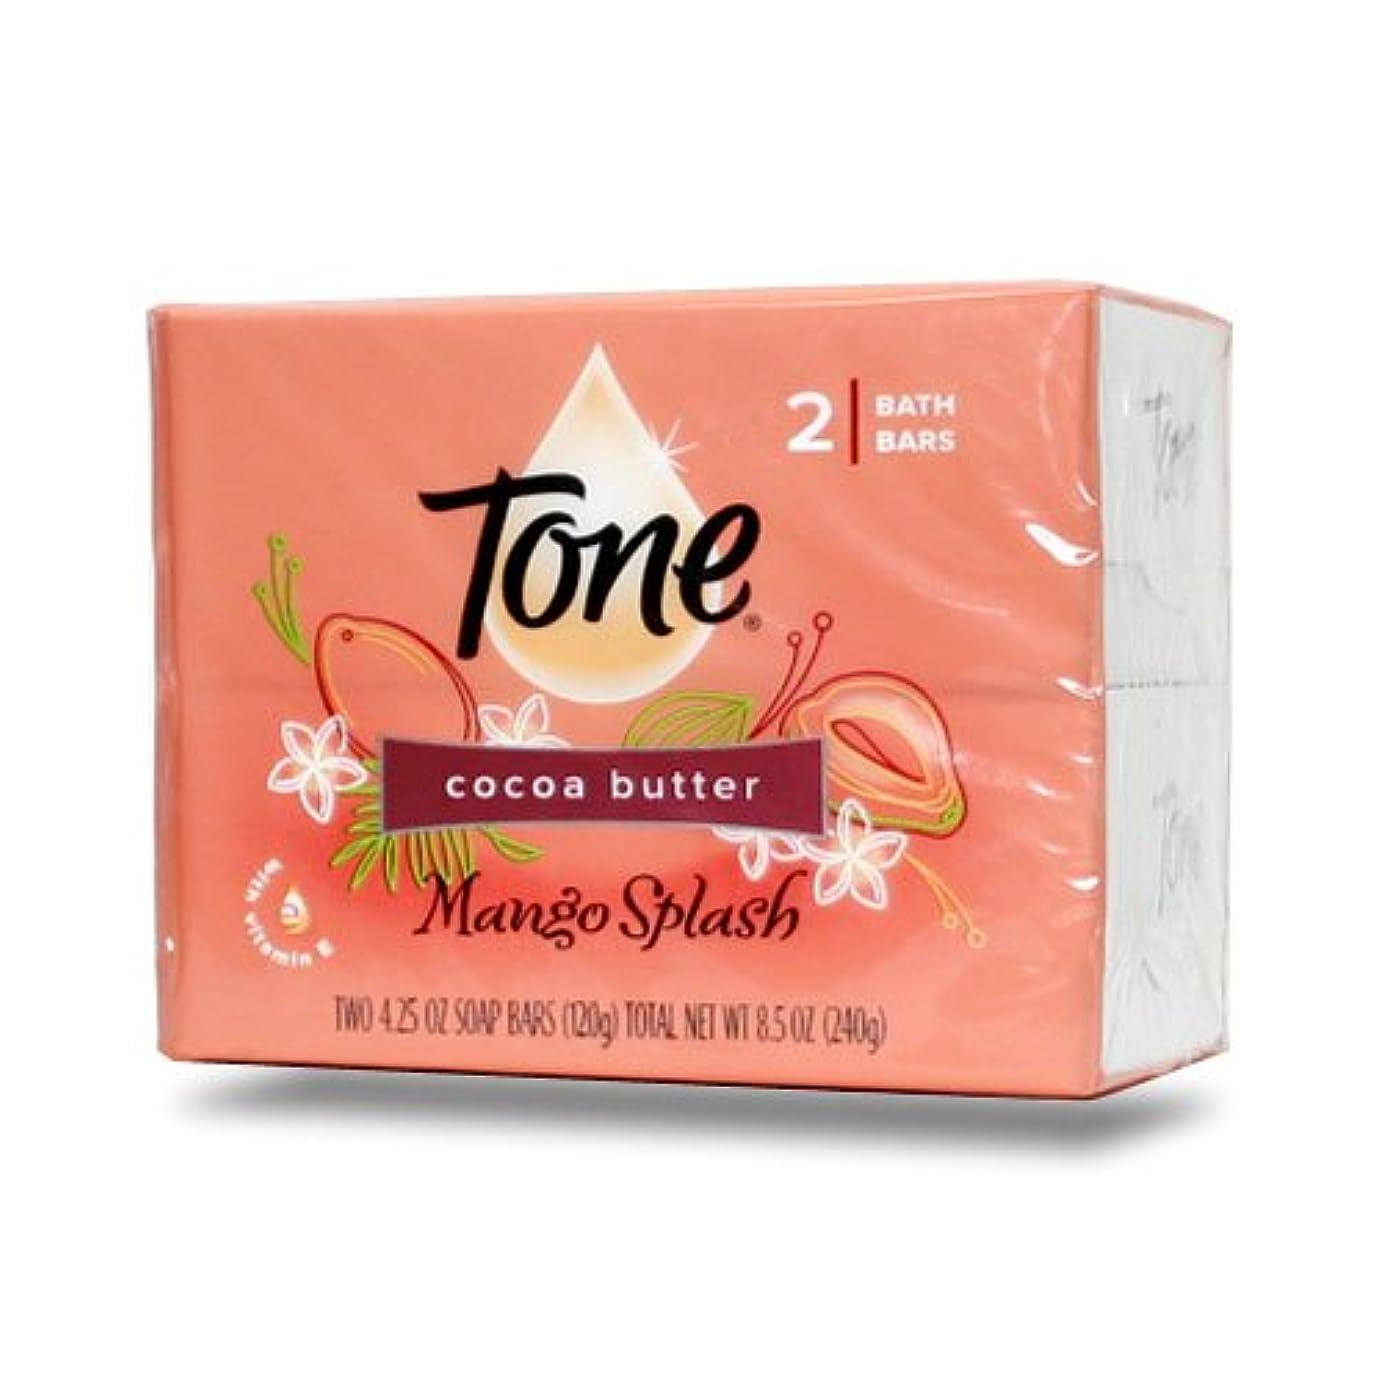 協力反発するショッピングセンター【Tone】トーン石鹸(マンゴスプラッシュ)120g×2個パック